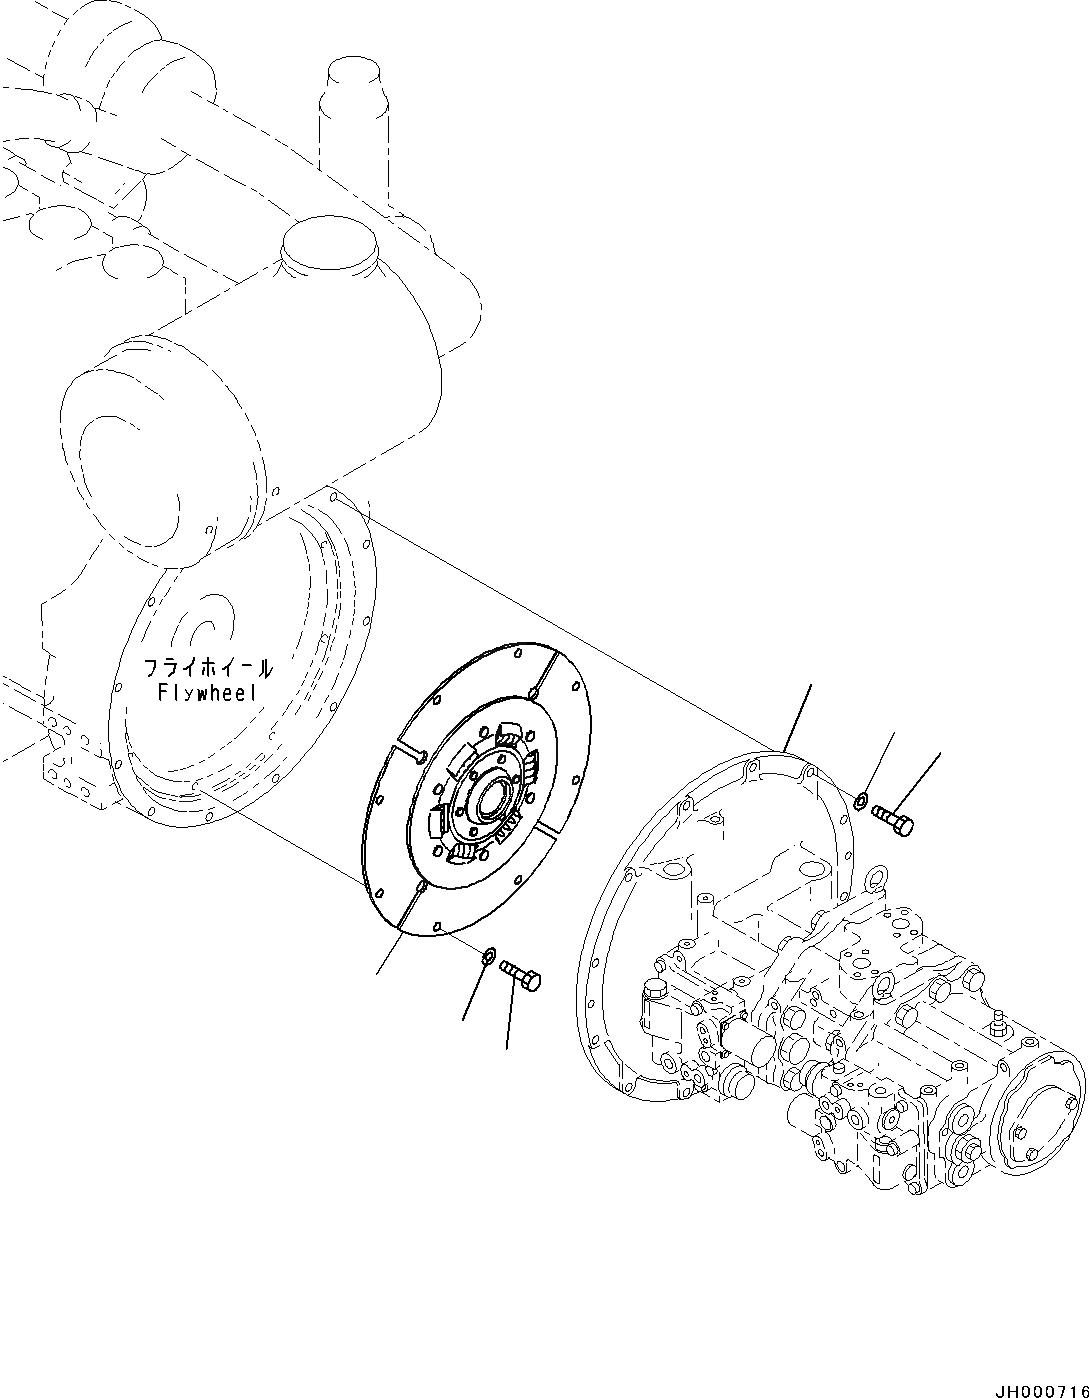 207-01-61311 Komatsu ДИСК СЦЕПЛЕНИЯ